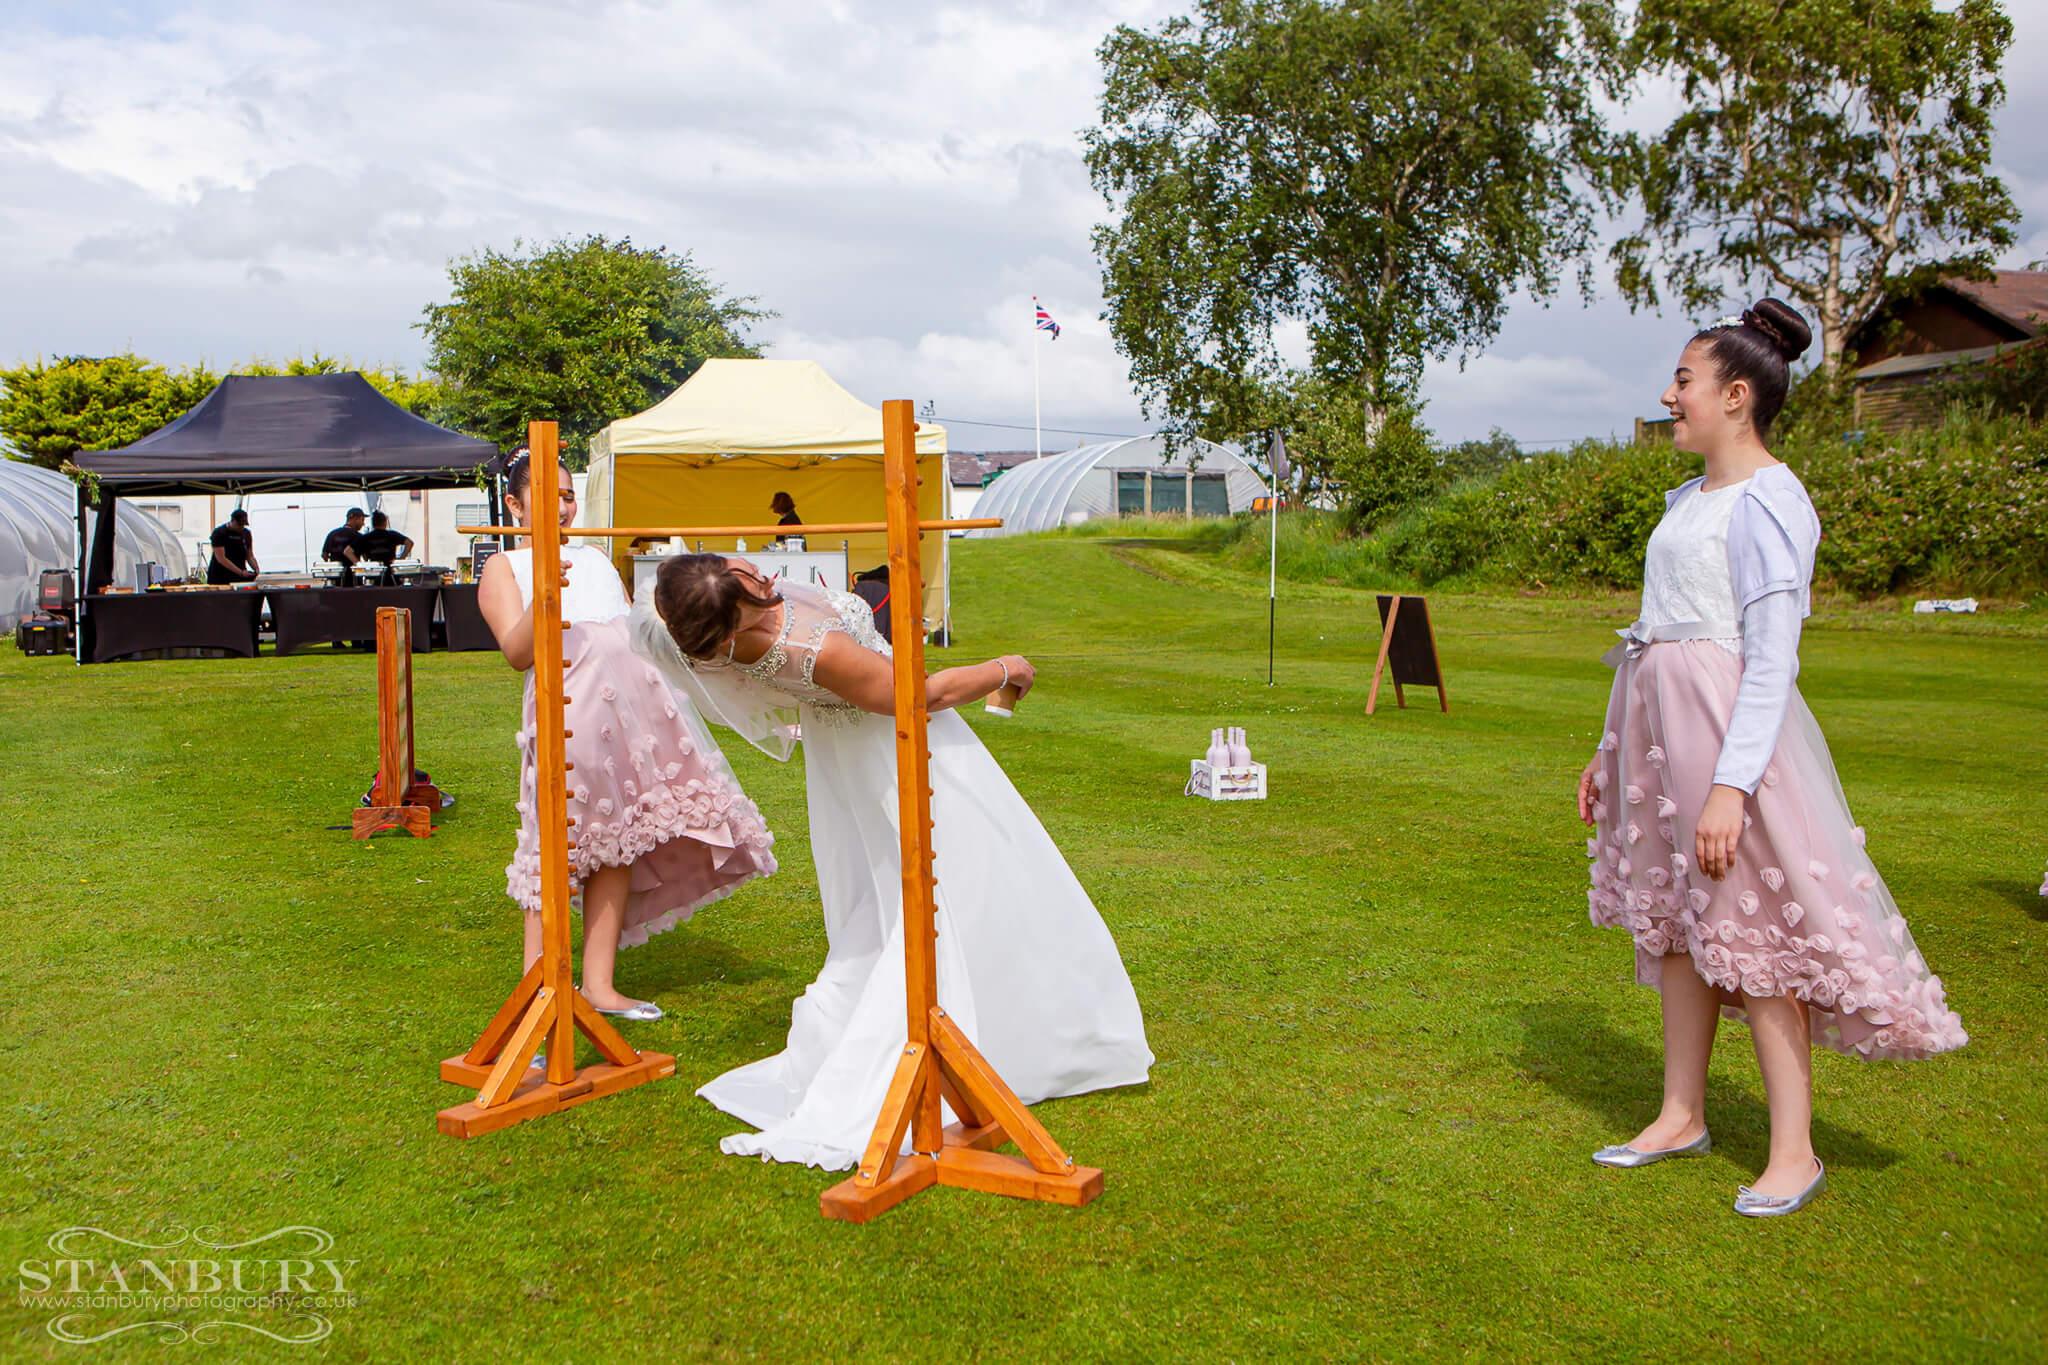 tipi-festival-wedding-photography-lancashire-stanbury